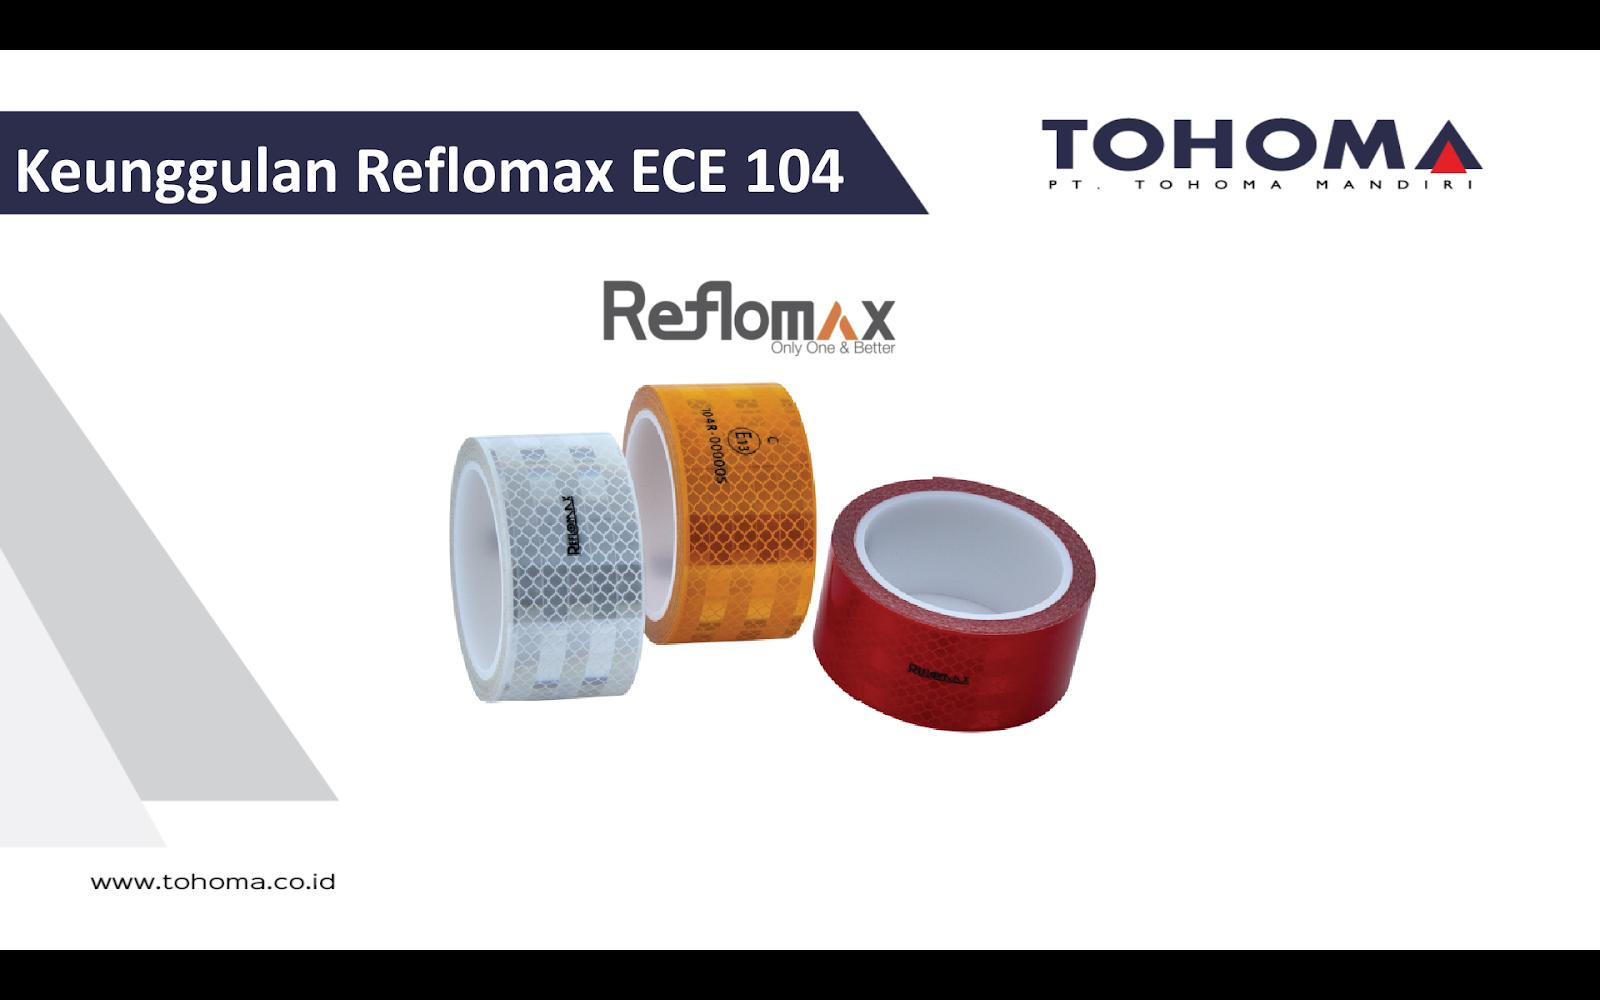 REFLOMAX-ECE-104